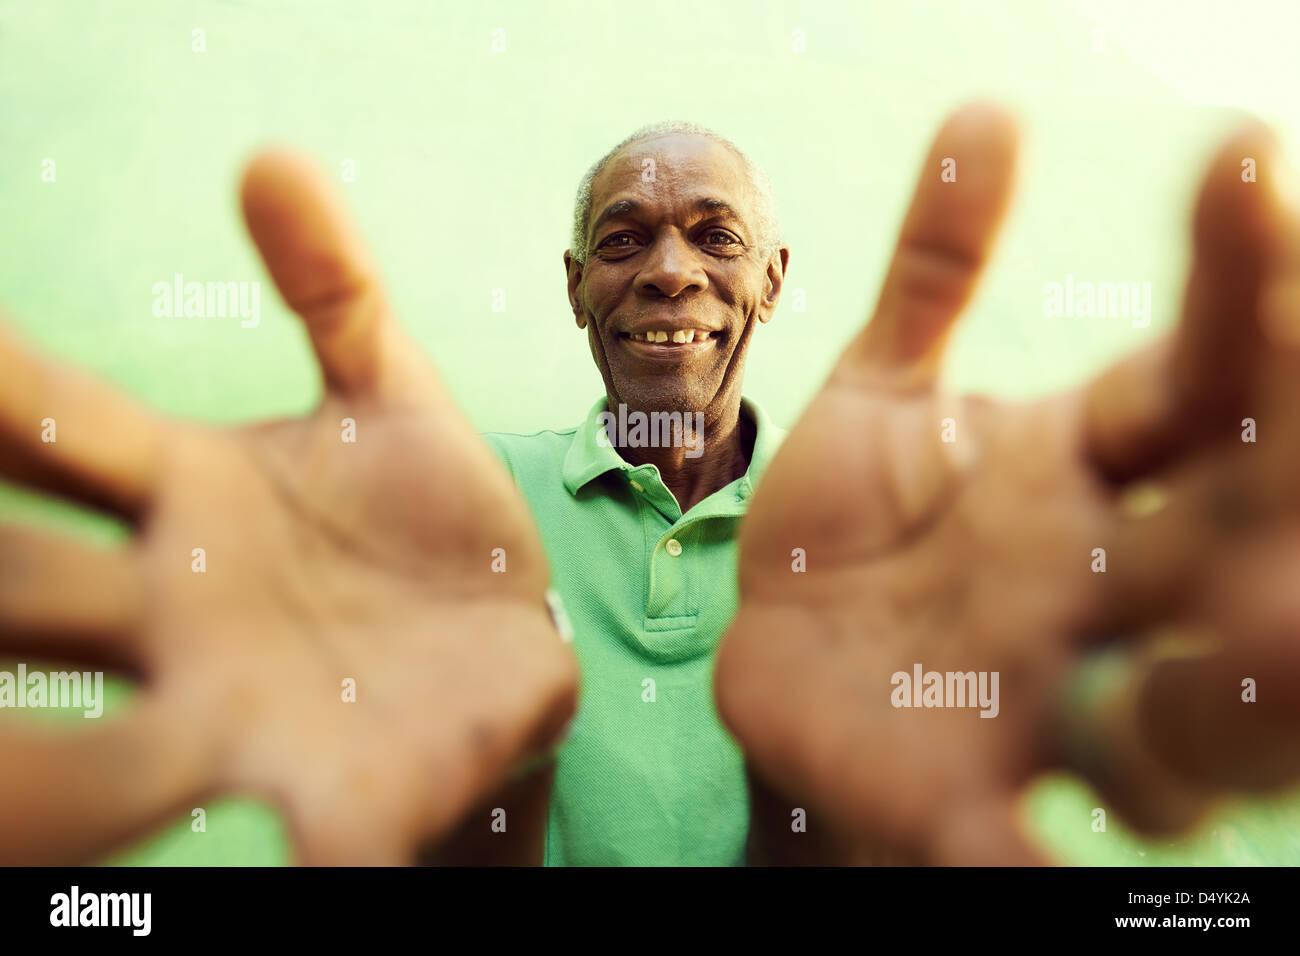 Portrait of senior homme noir avec les mains et les bras ouverts pointant sur appareil photo. Fond vert Photo Stock